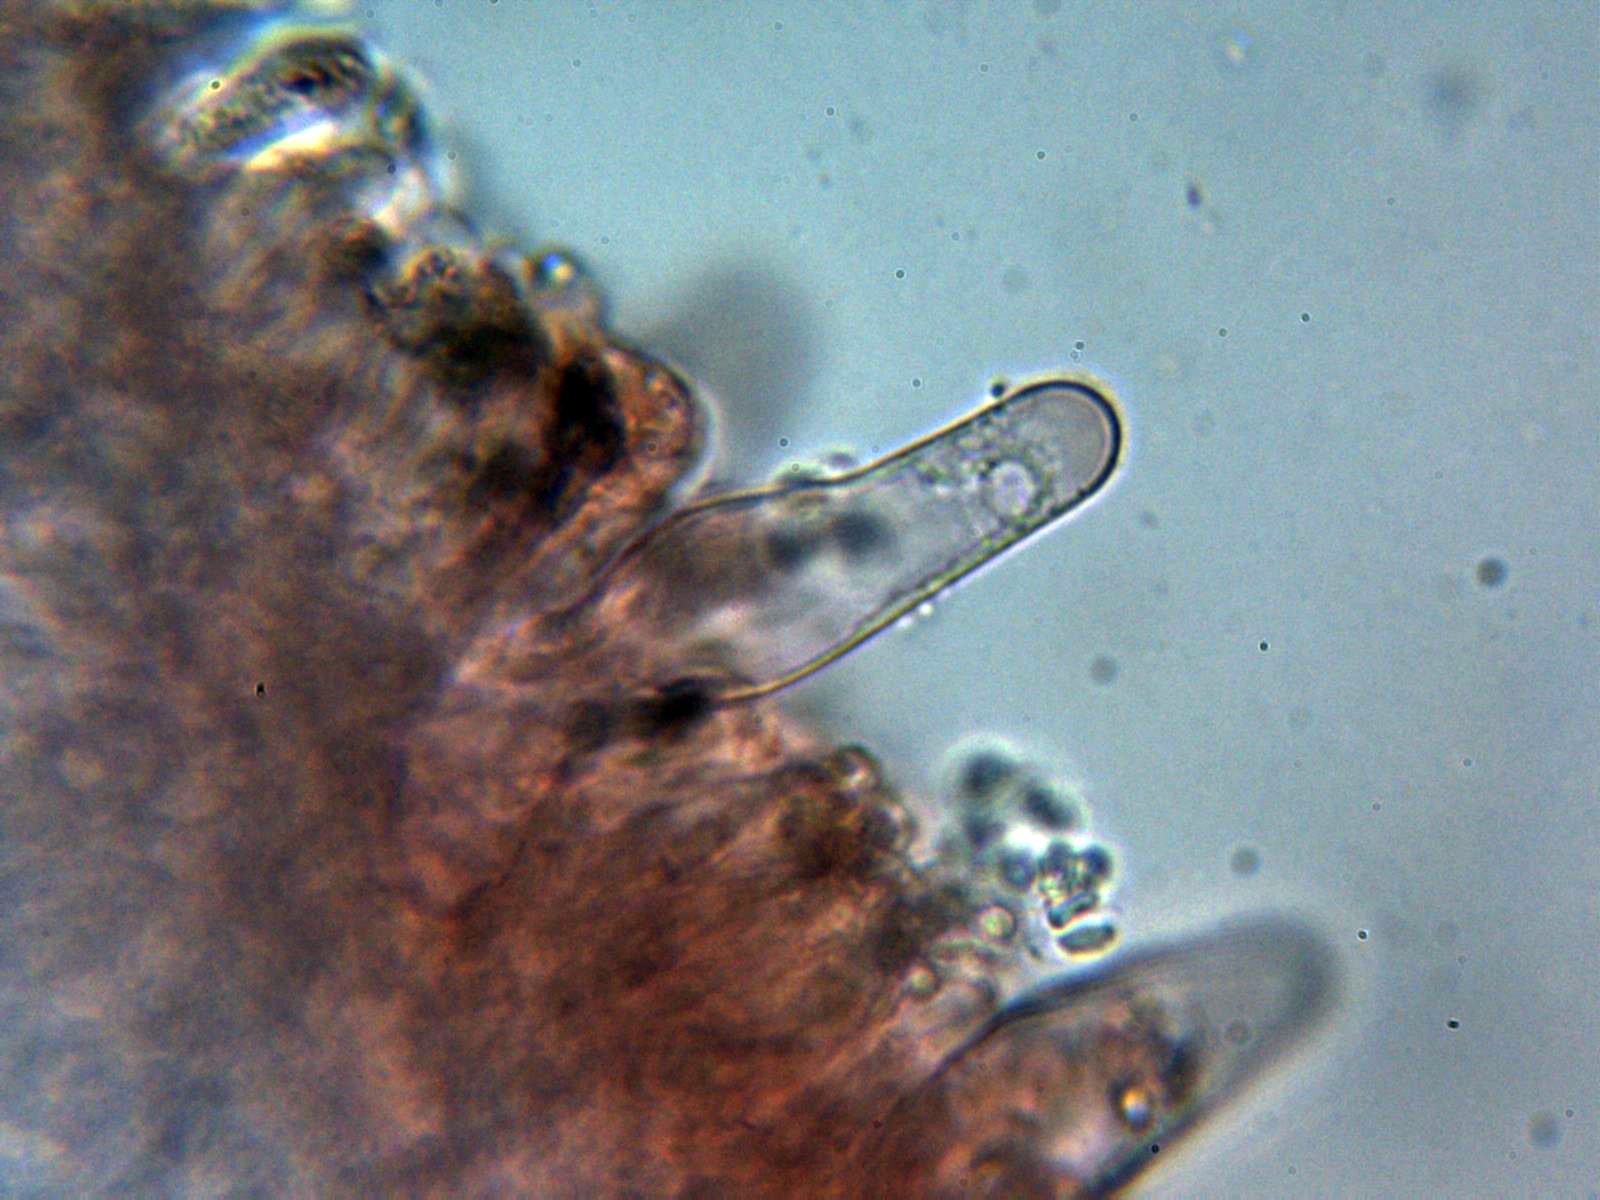 Queilocistidio3_2020-12-30.jpg